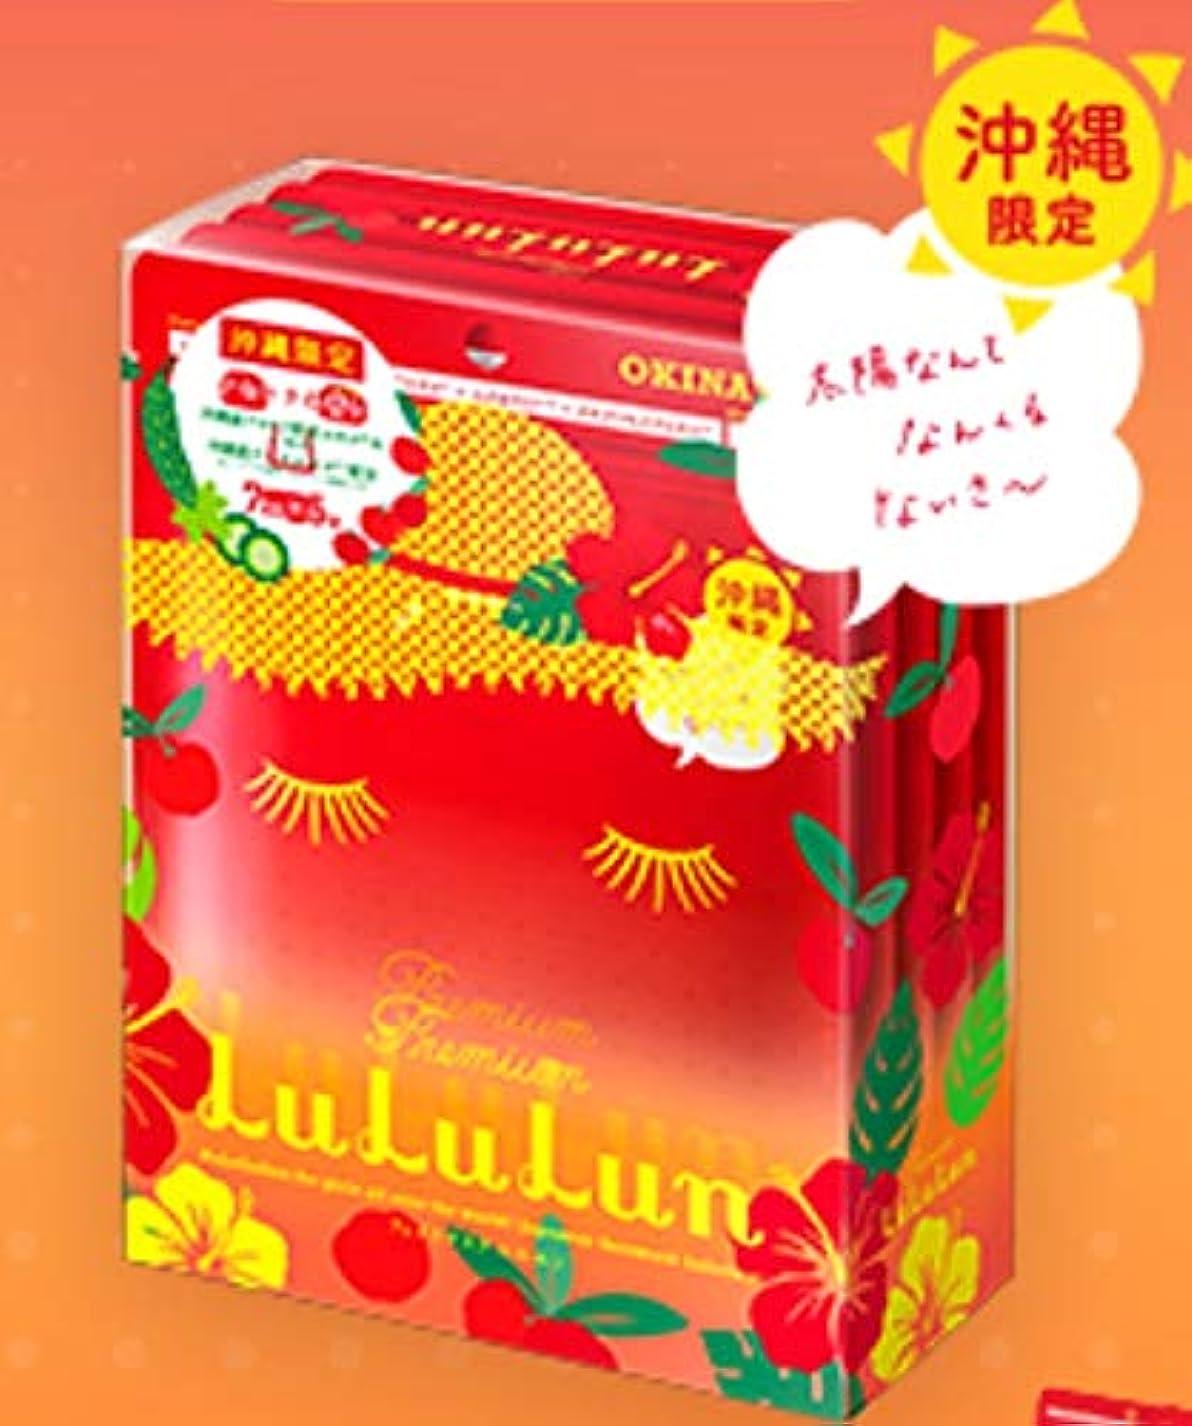 予見する娘征服する沖縄のプレミアムルルルン フェイスマスク アセロラの香り 7枚×5袋